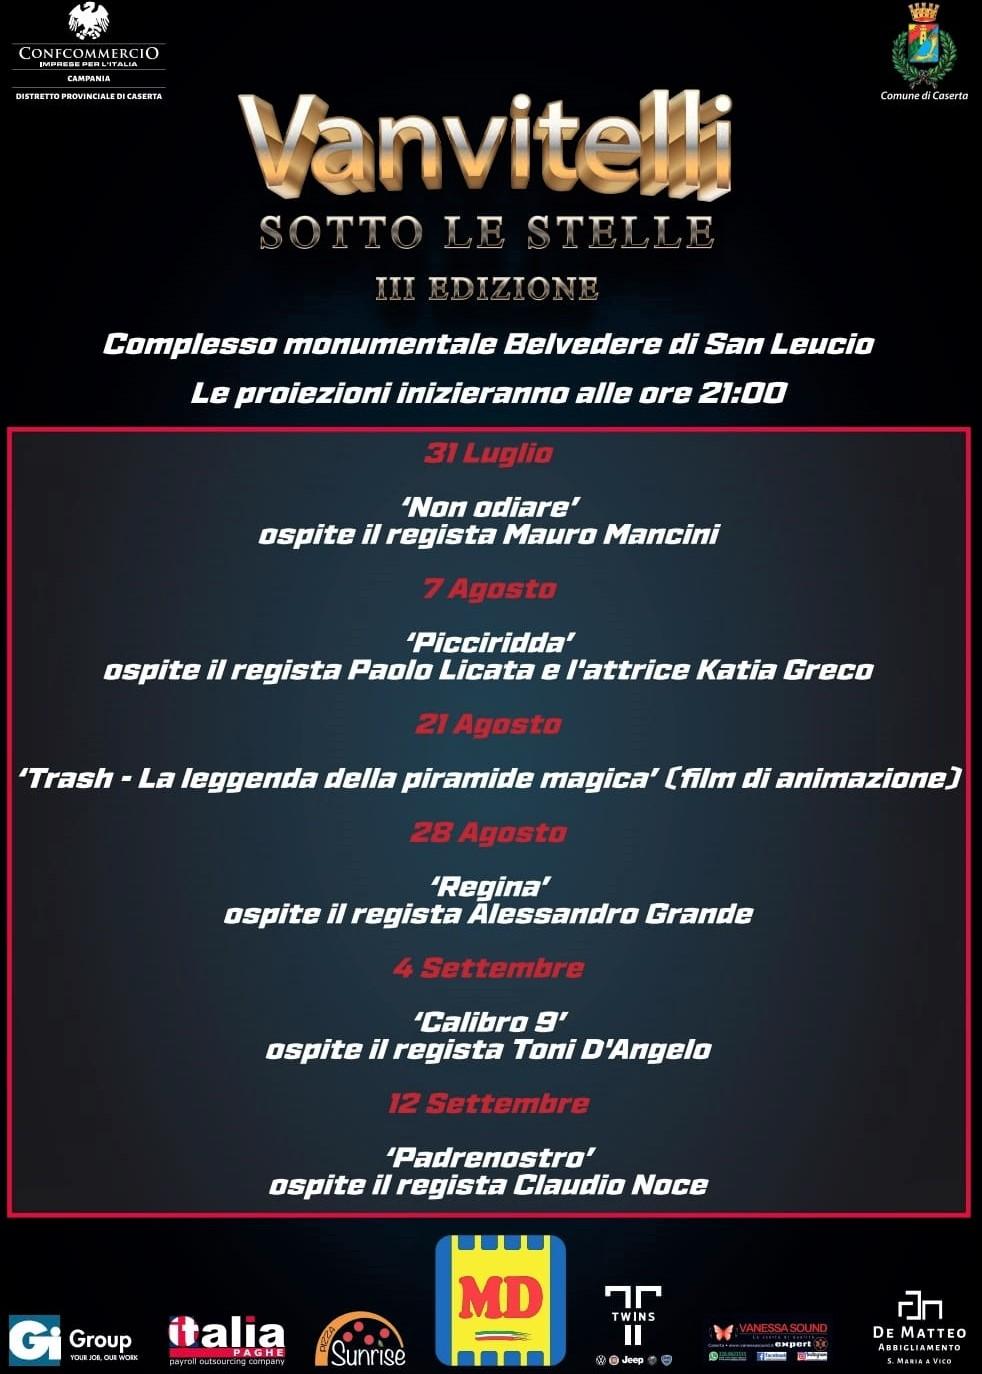 locandina Vanvitelli sotto le stelle III edizione AL 'VANVITELLI SOTTO LE STELLE' 'TRASH – LA LEGGENDA DELLA PIRAMIDE MAGICA'